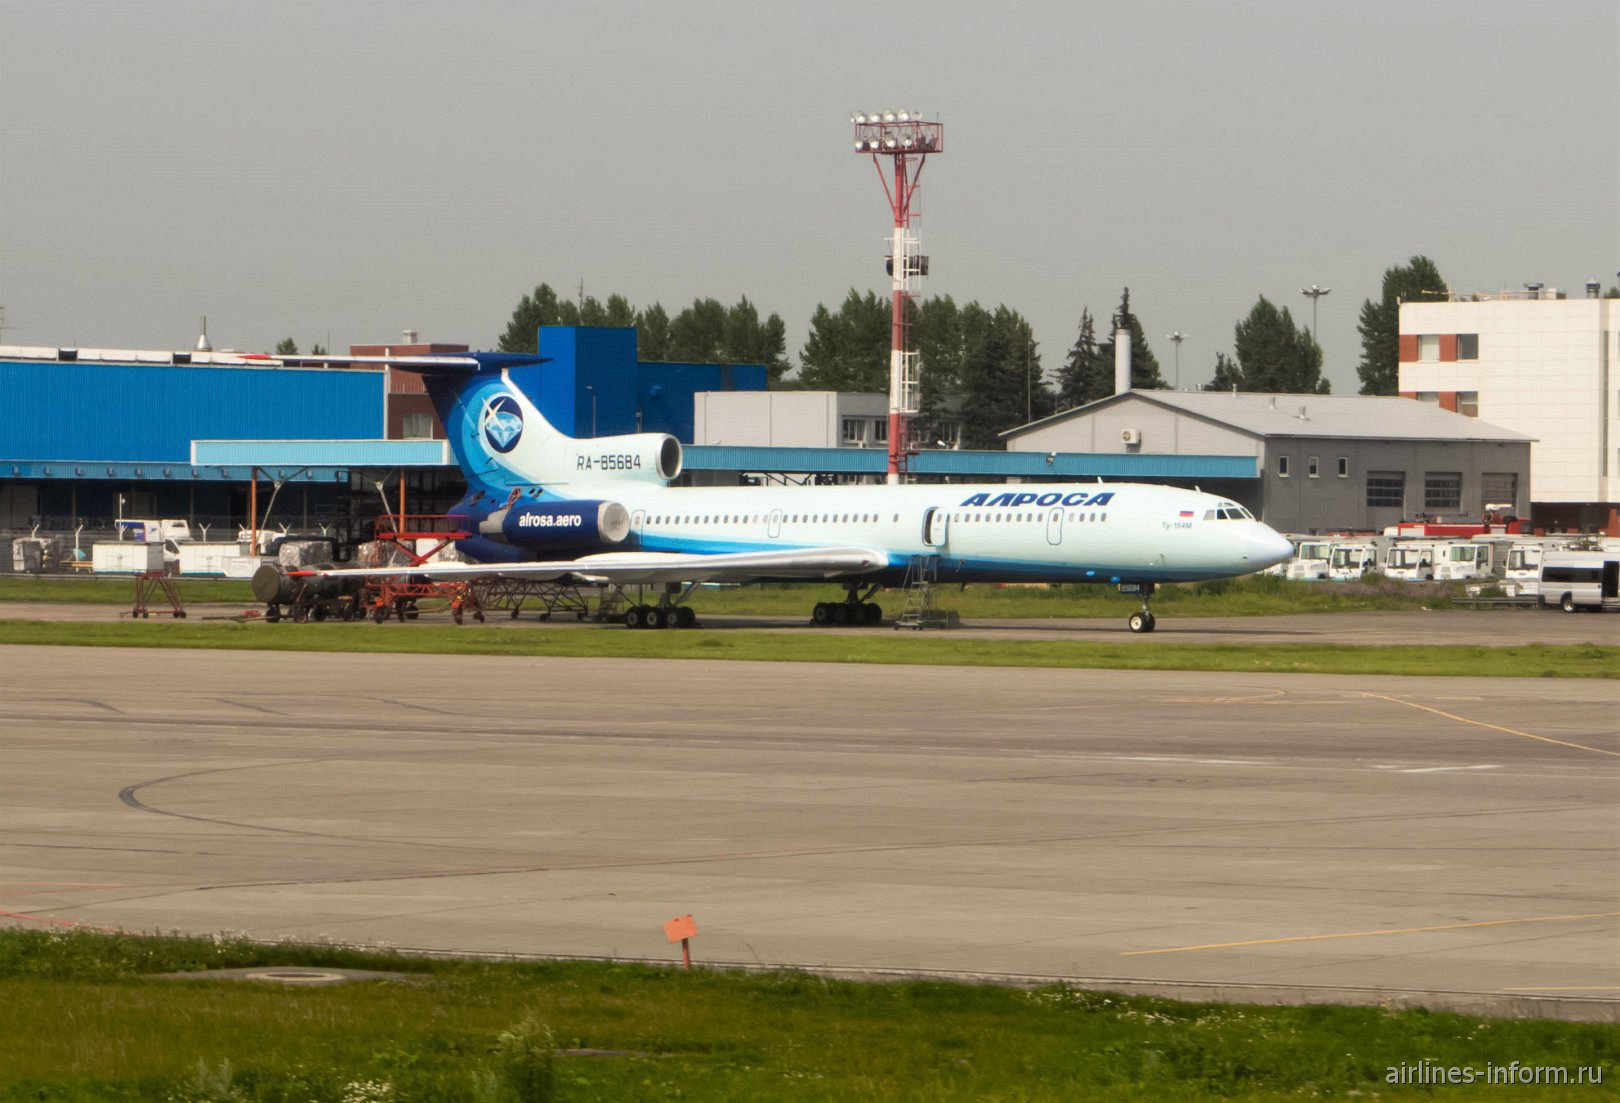 Самолет Ту-154М RA-85684 авиакомпании